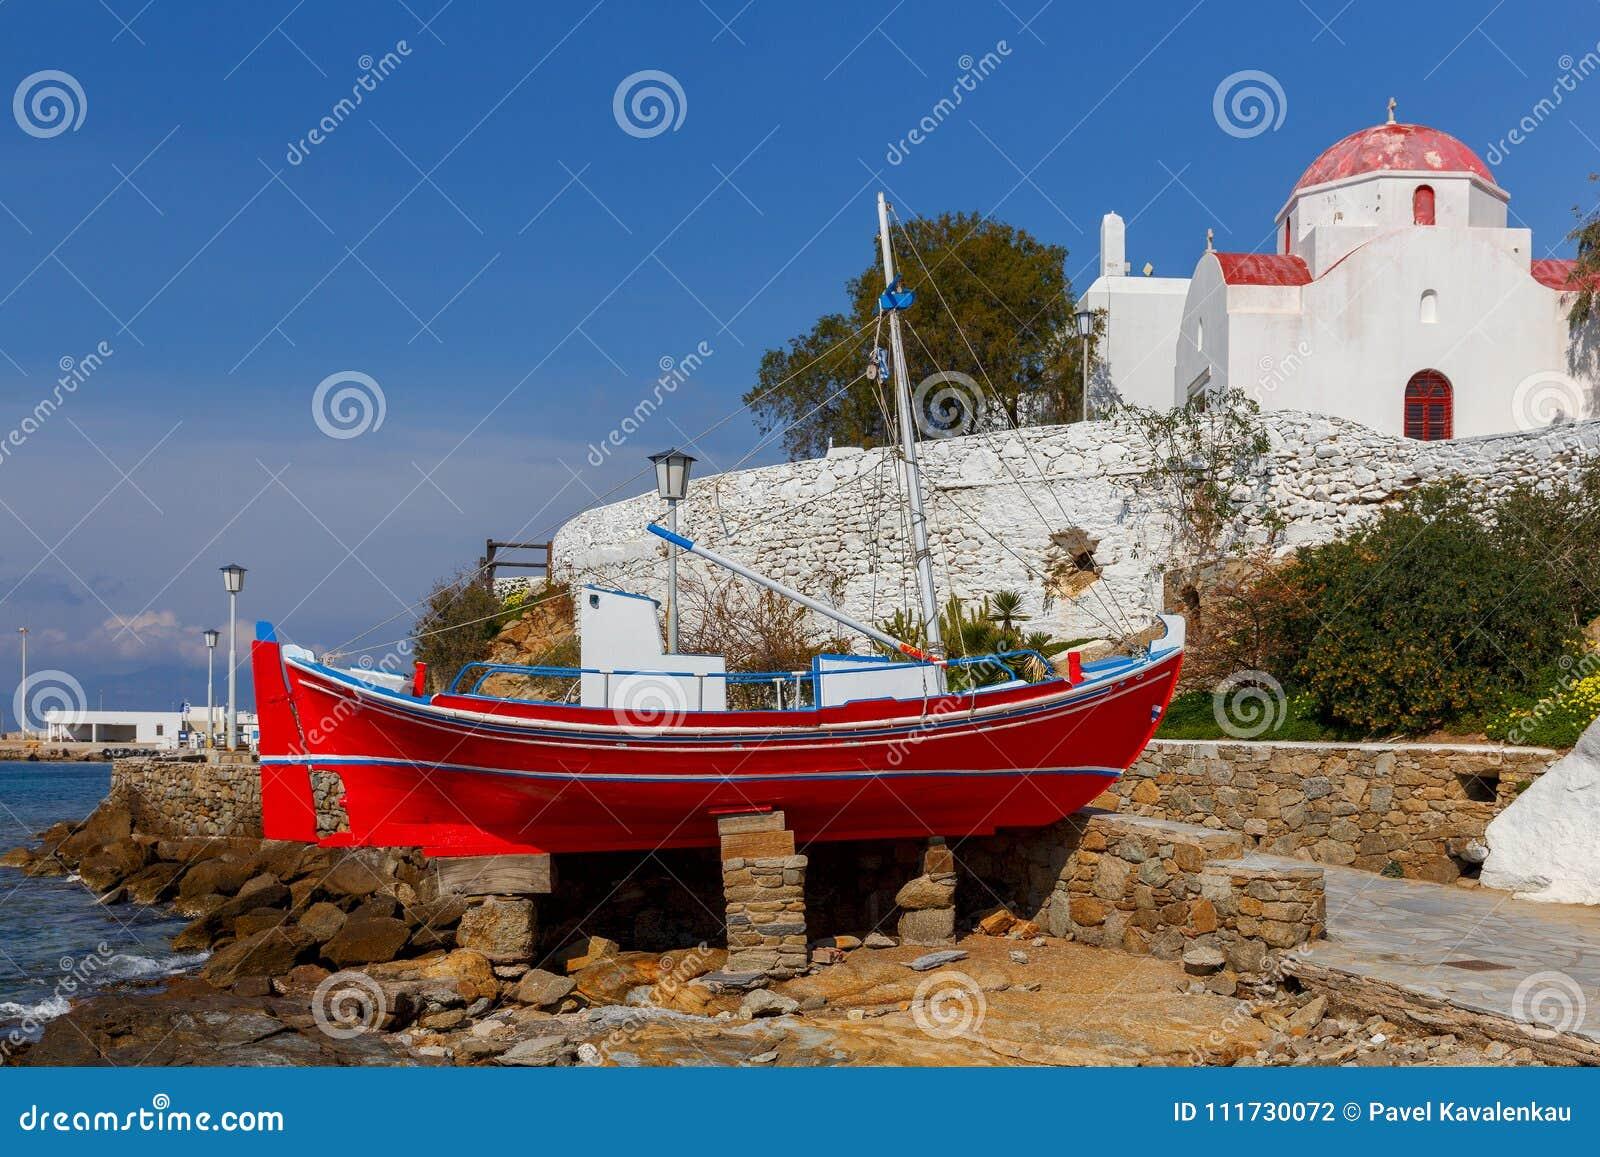 Chora Mykonos Красная рыбацкая лодка на береге